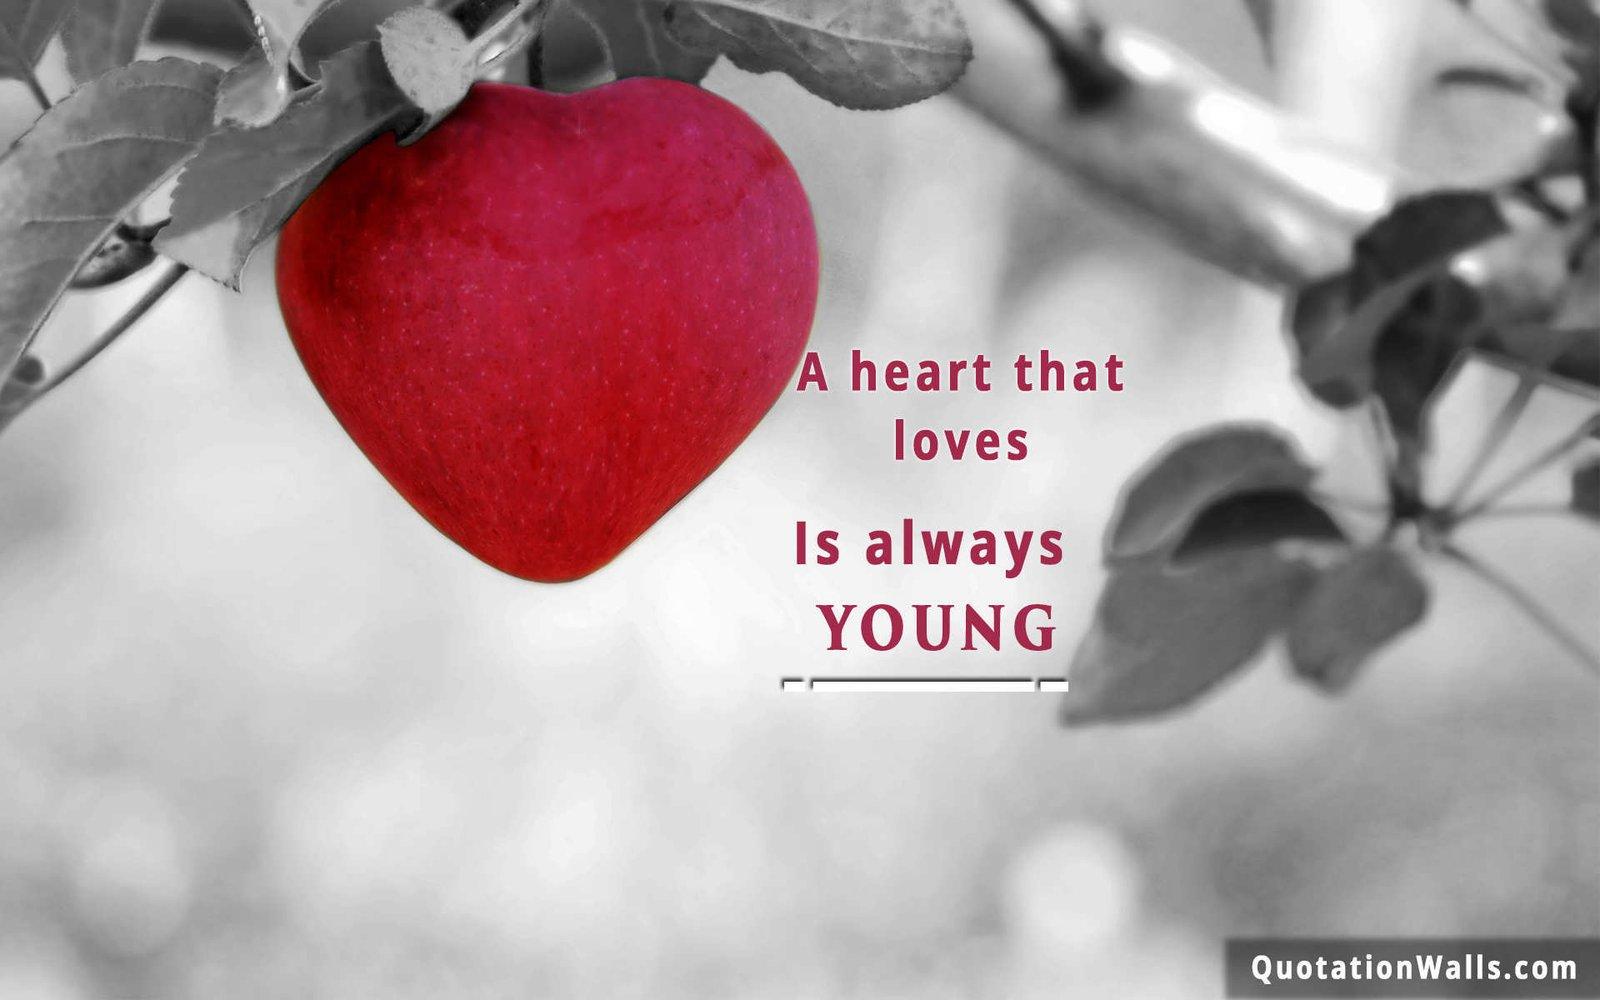 Heart That Loves Love Wallpaper for Mobile - QuotationWalls